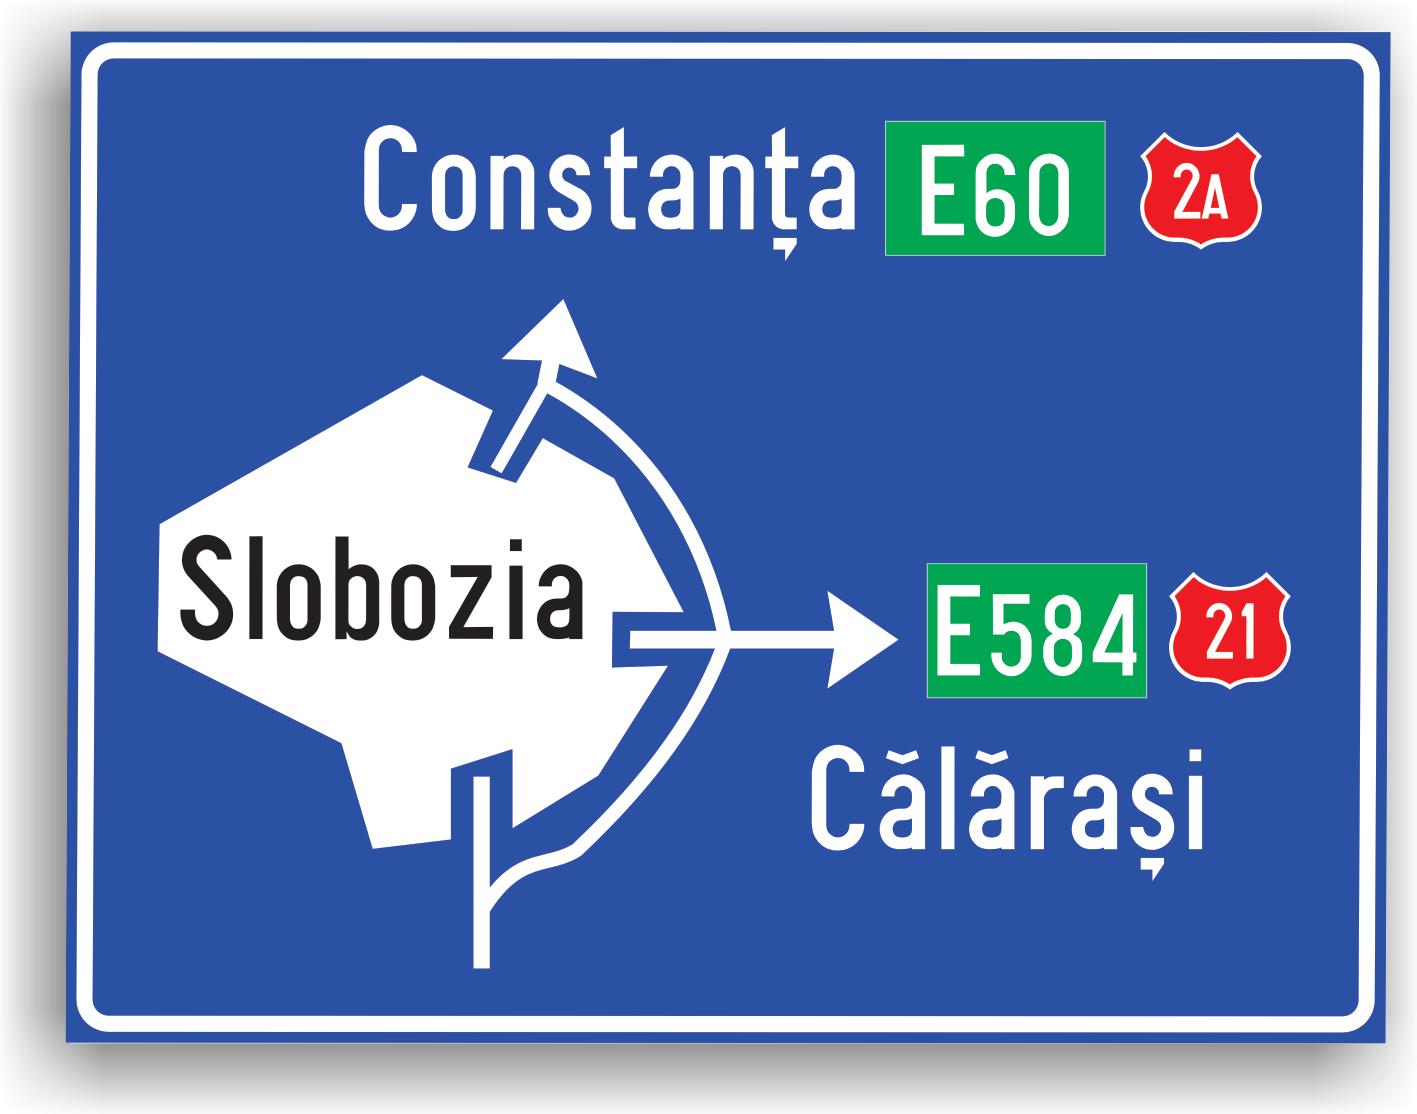 Conducatorul auto va intalni acest indicator la 100-200 m de intersectia cu drumul de ocolire a localitatii (indicatorul marcand tocmai ruta ce permite evitarea localitatii). Pe indicator mai pot fi scrise si alte trasee, spre alte localitati importante.